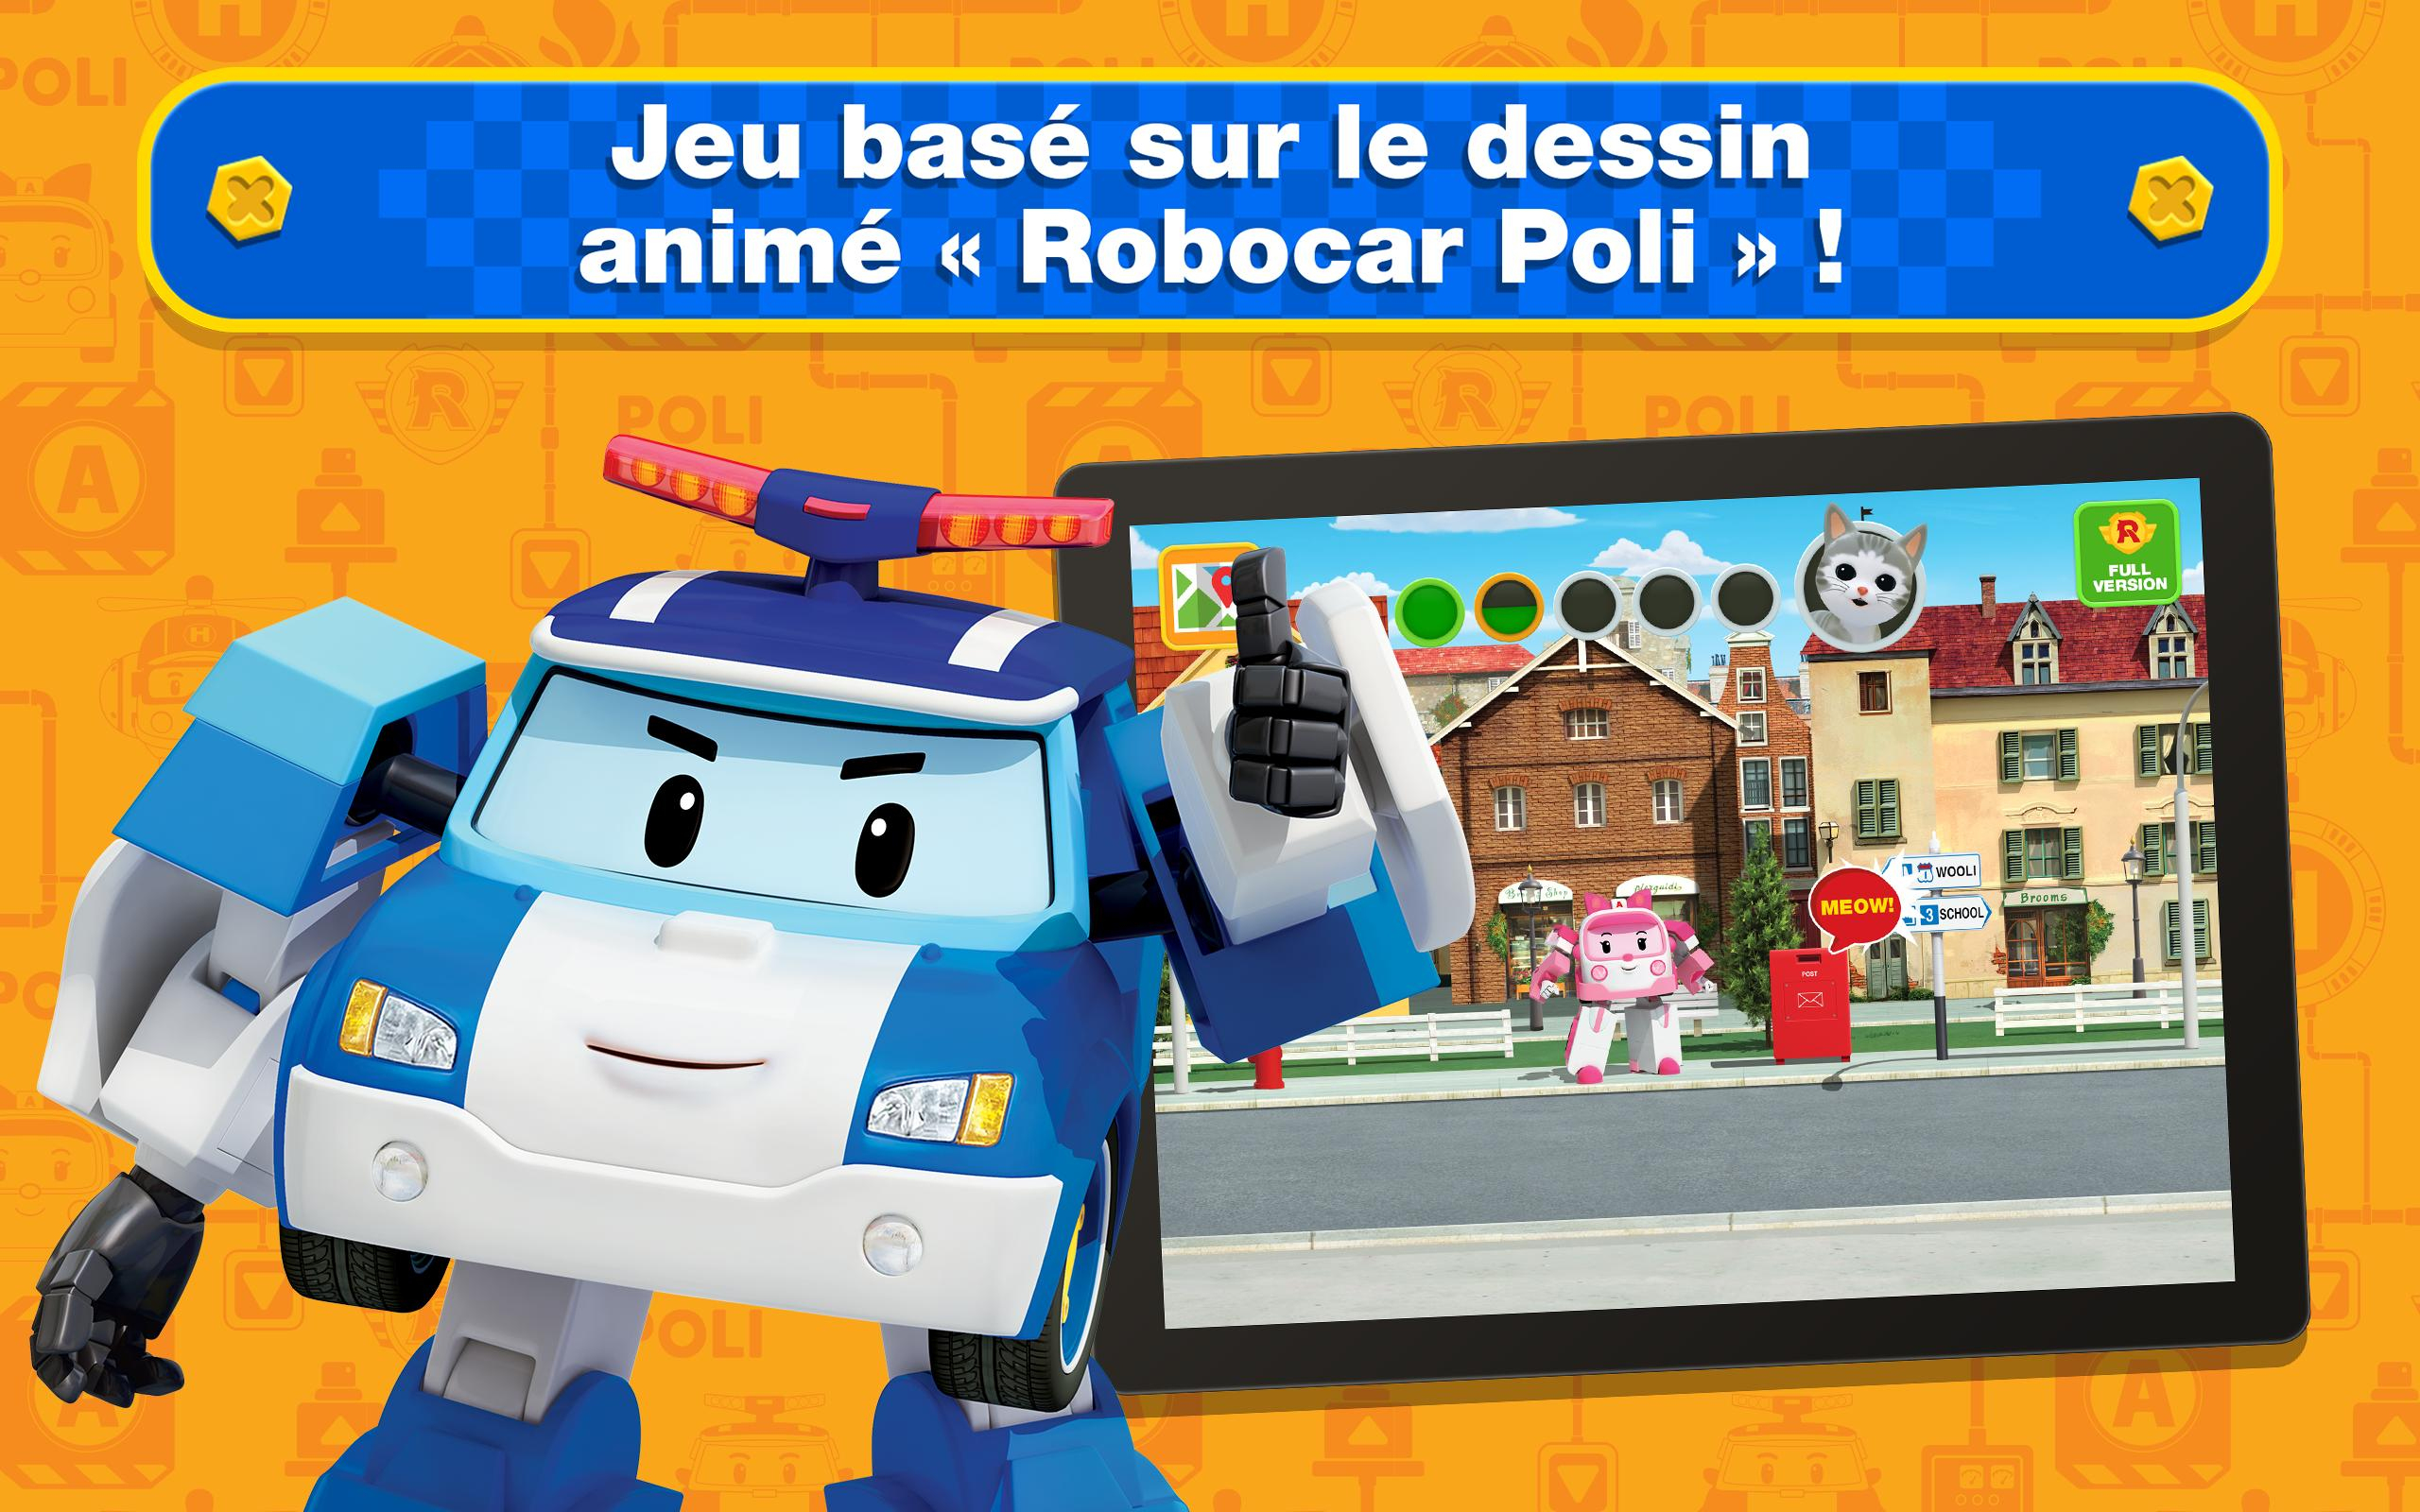 Robocar Poli Jeux 3 4 5 Ans Gratuit Games For Boys Pour dedans Jeux 4 Ans Gratuit